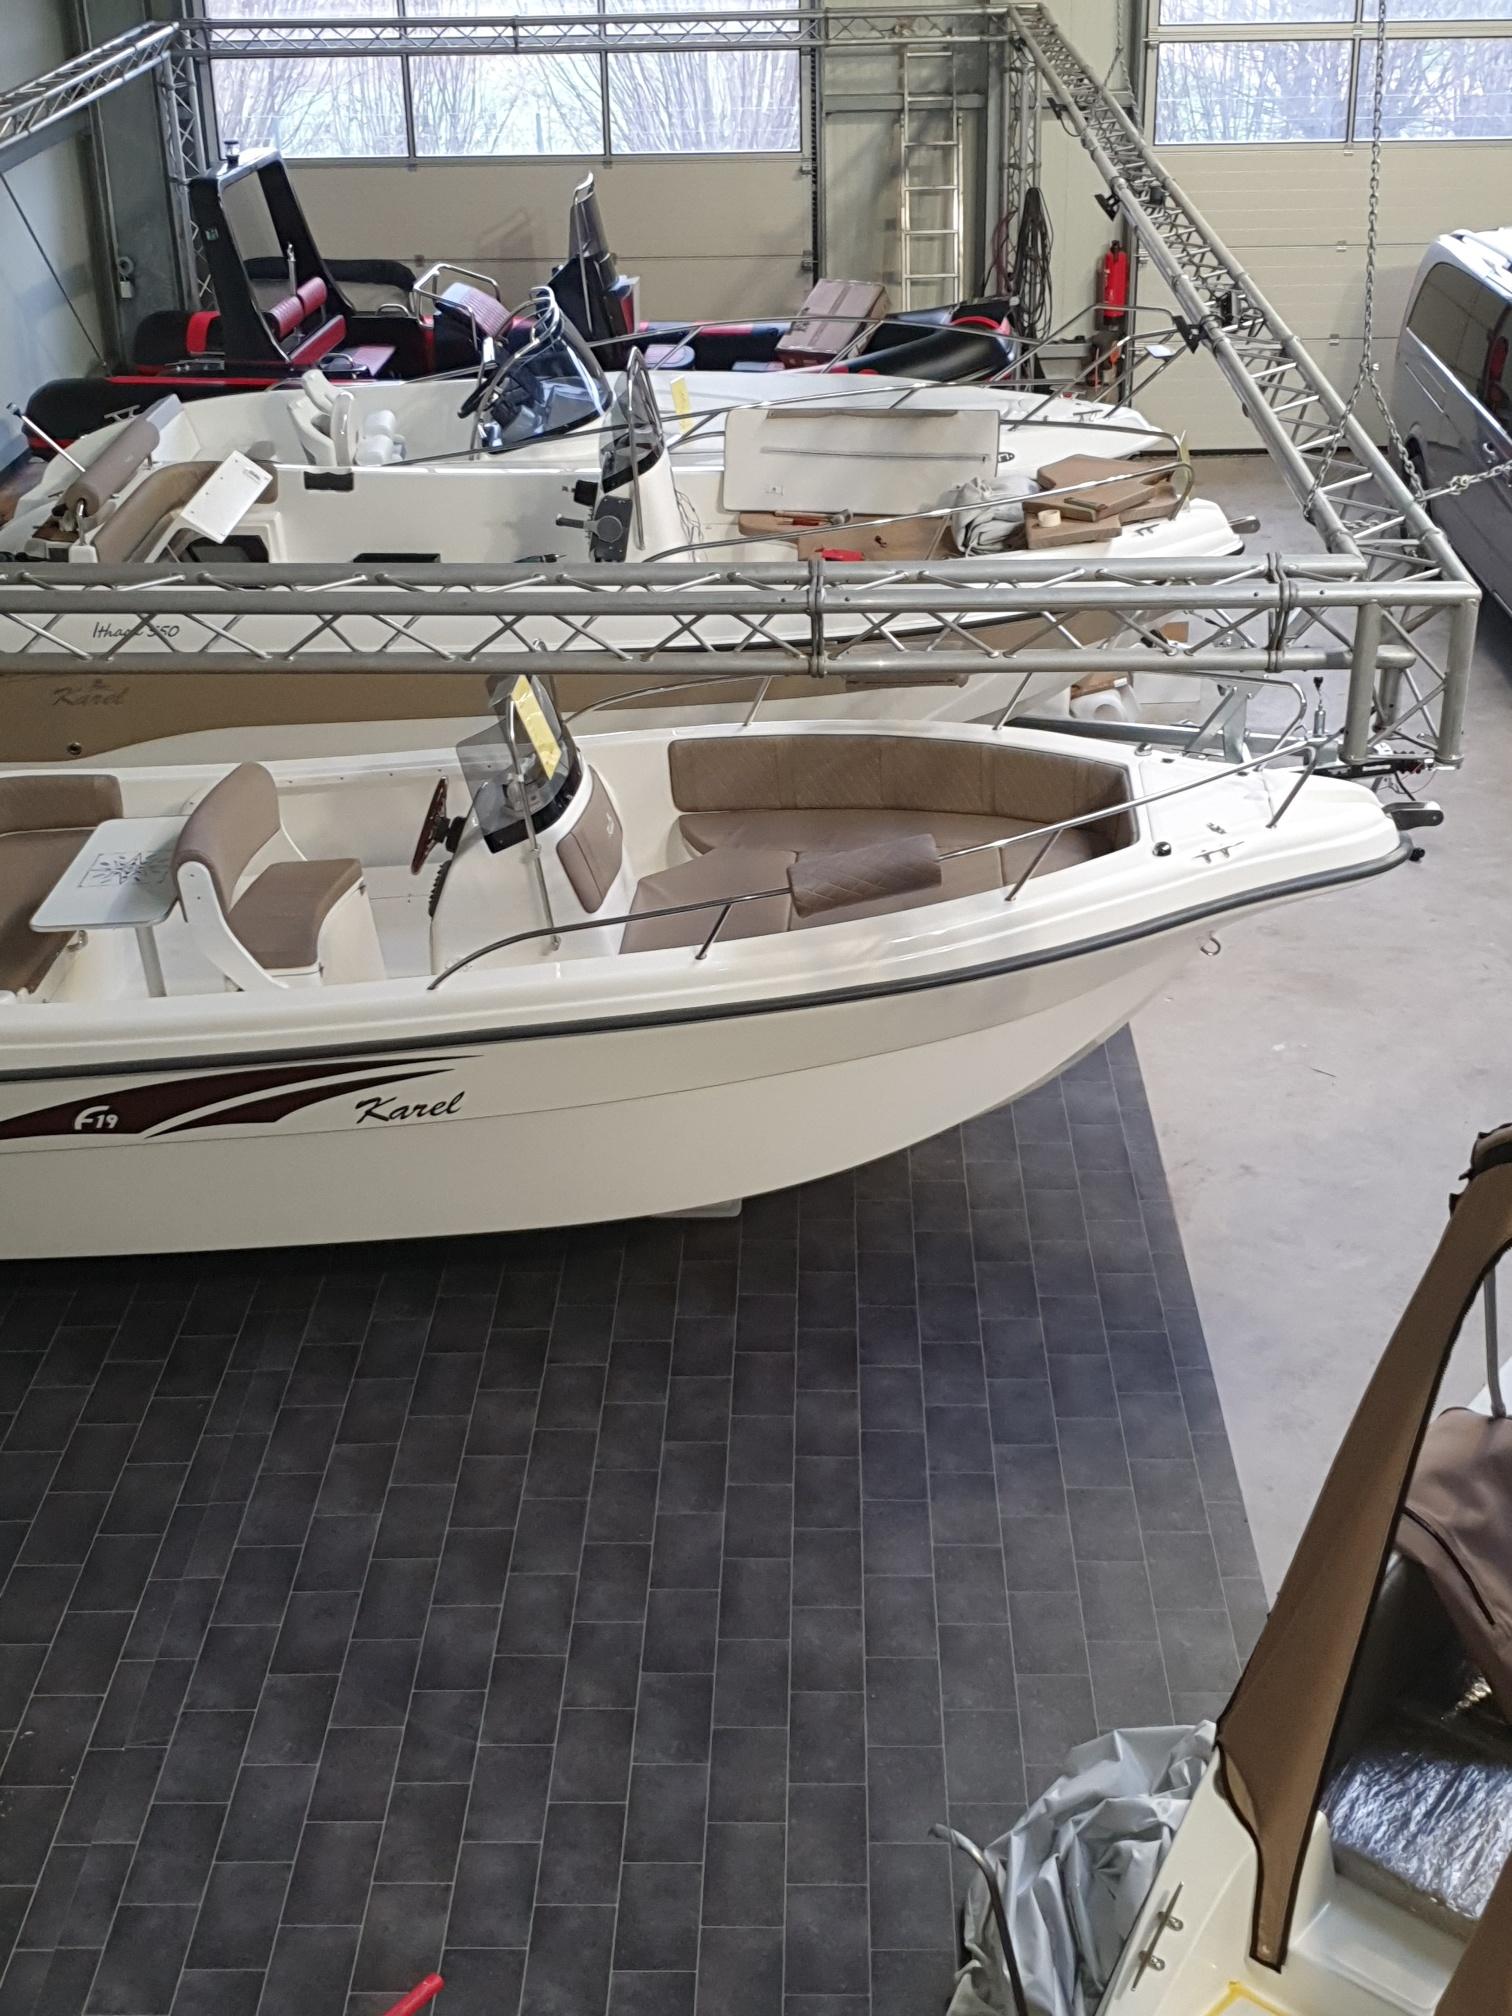 Das F19 ( 5,90m) es ist das neueste Konsolenboot von Karel Boats aus Griechenland